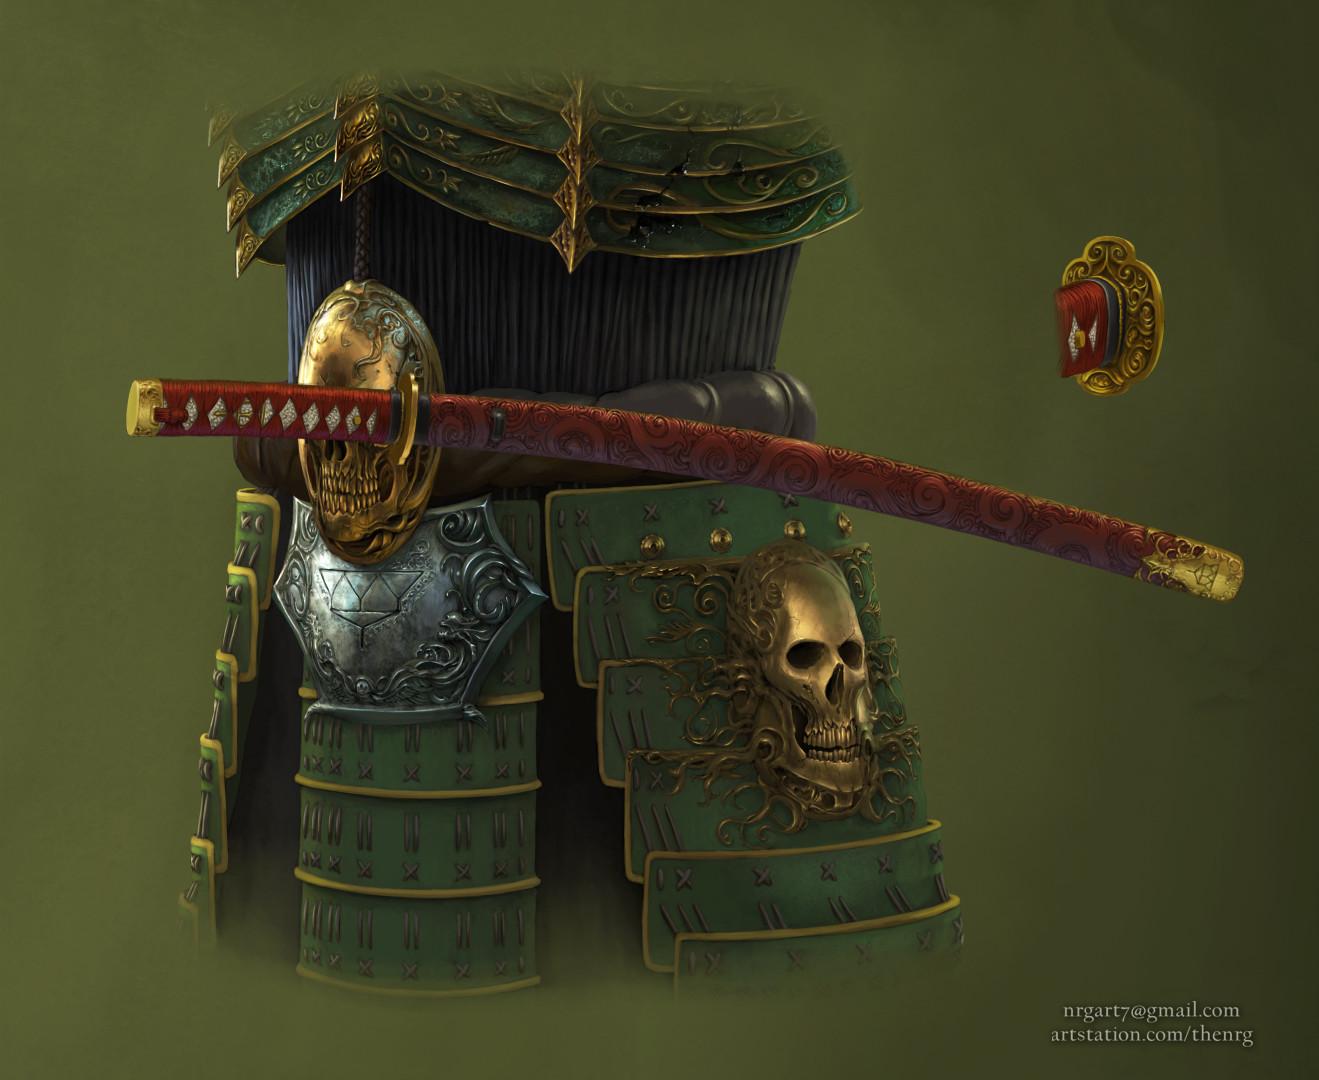 The nrg tsumetai ikari death samurai statue concept design by nrg crop12